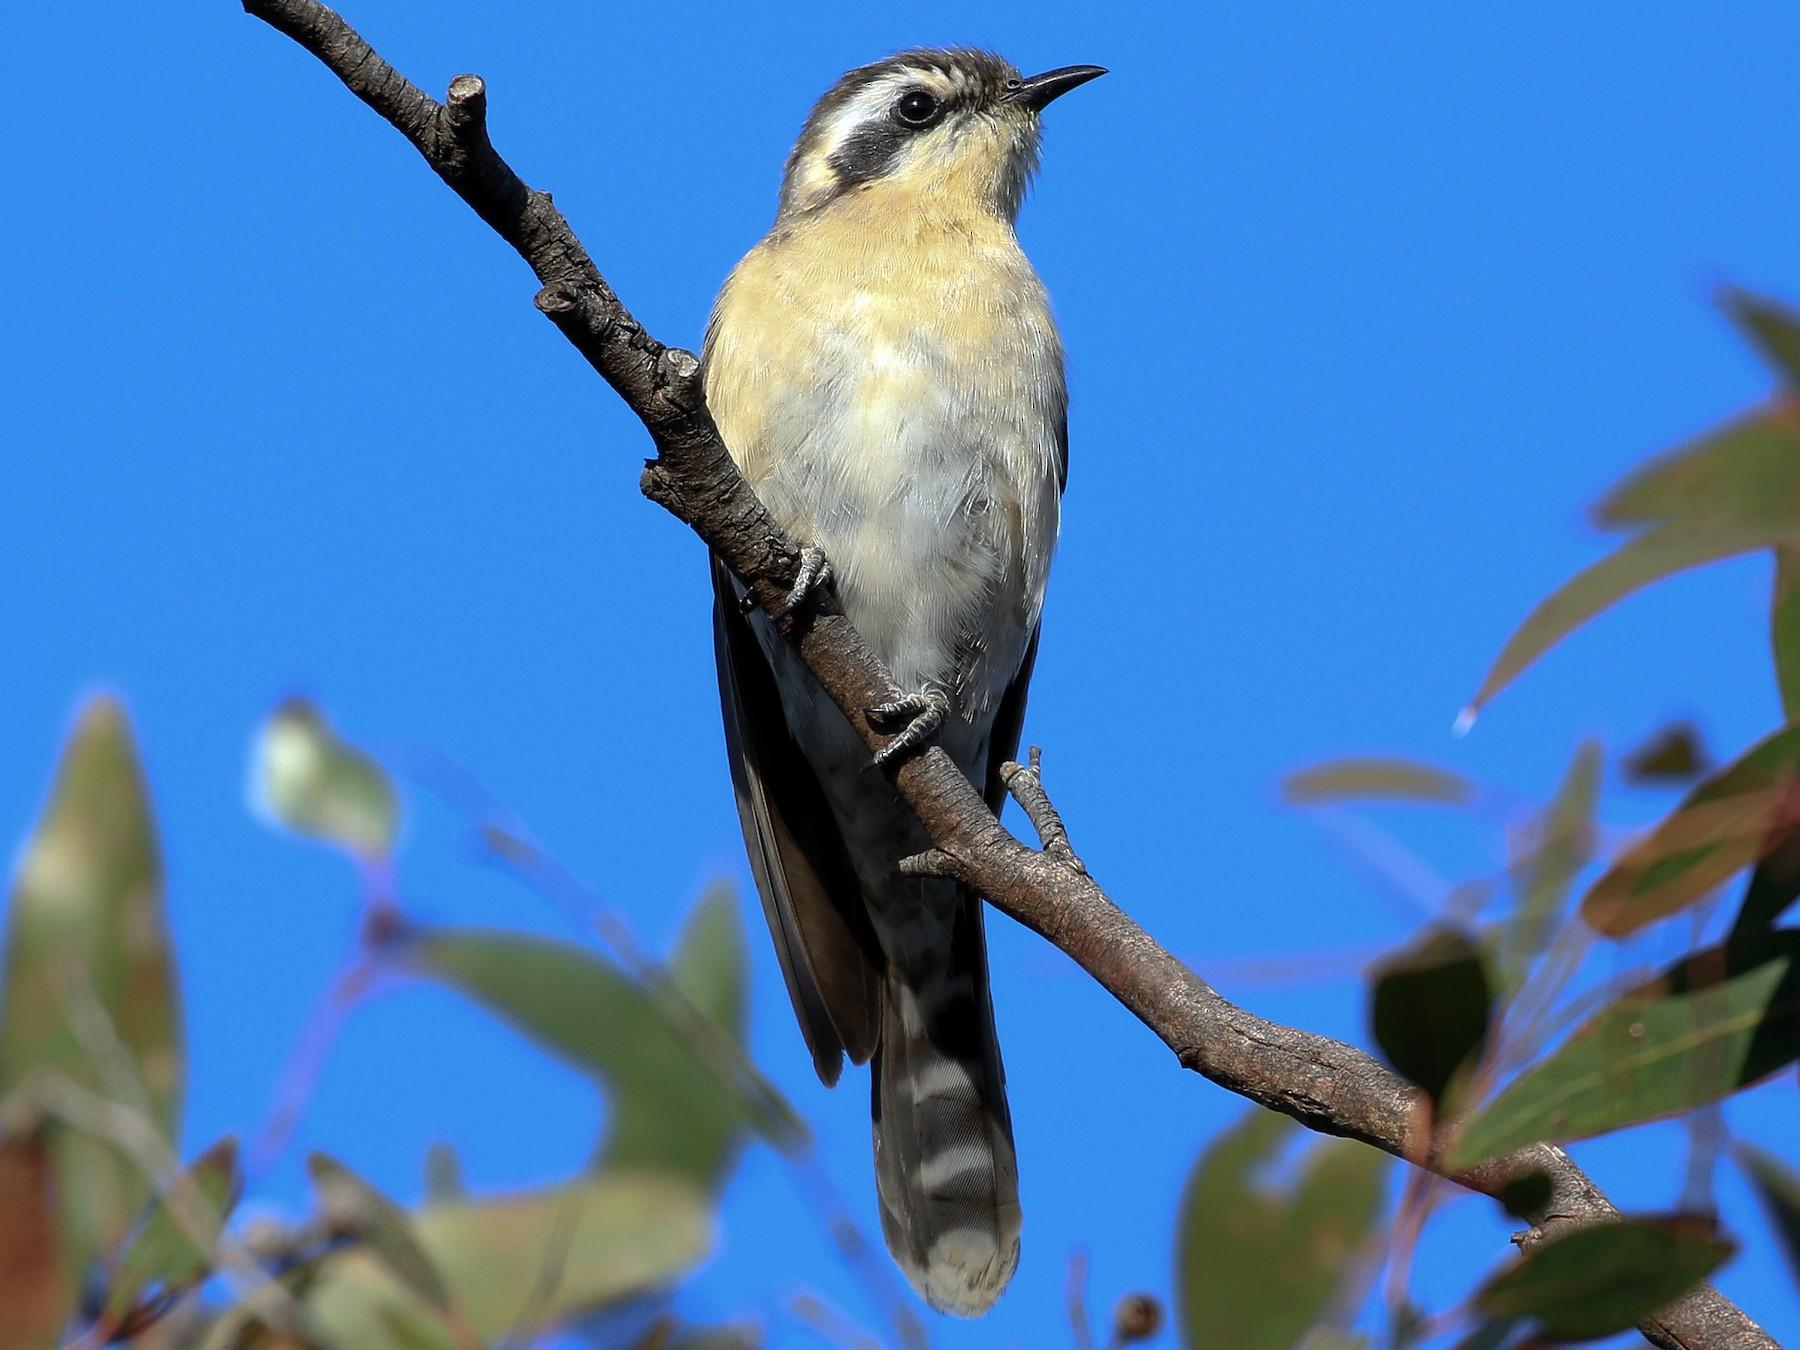 Black-eared Cuckoo - Bill Twiss